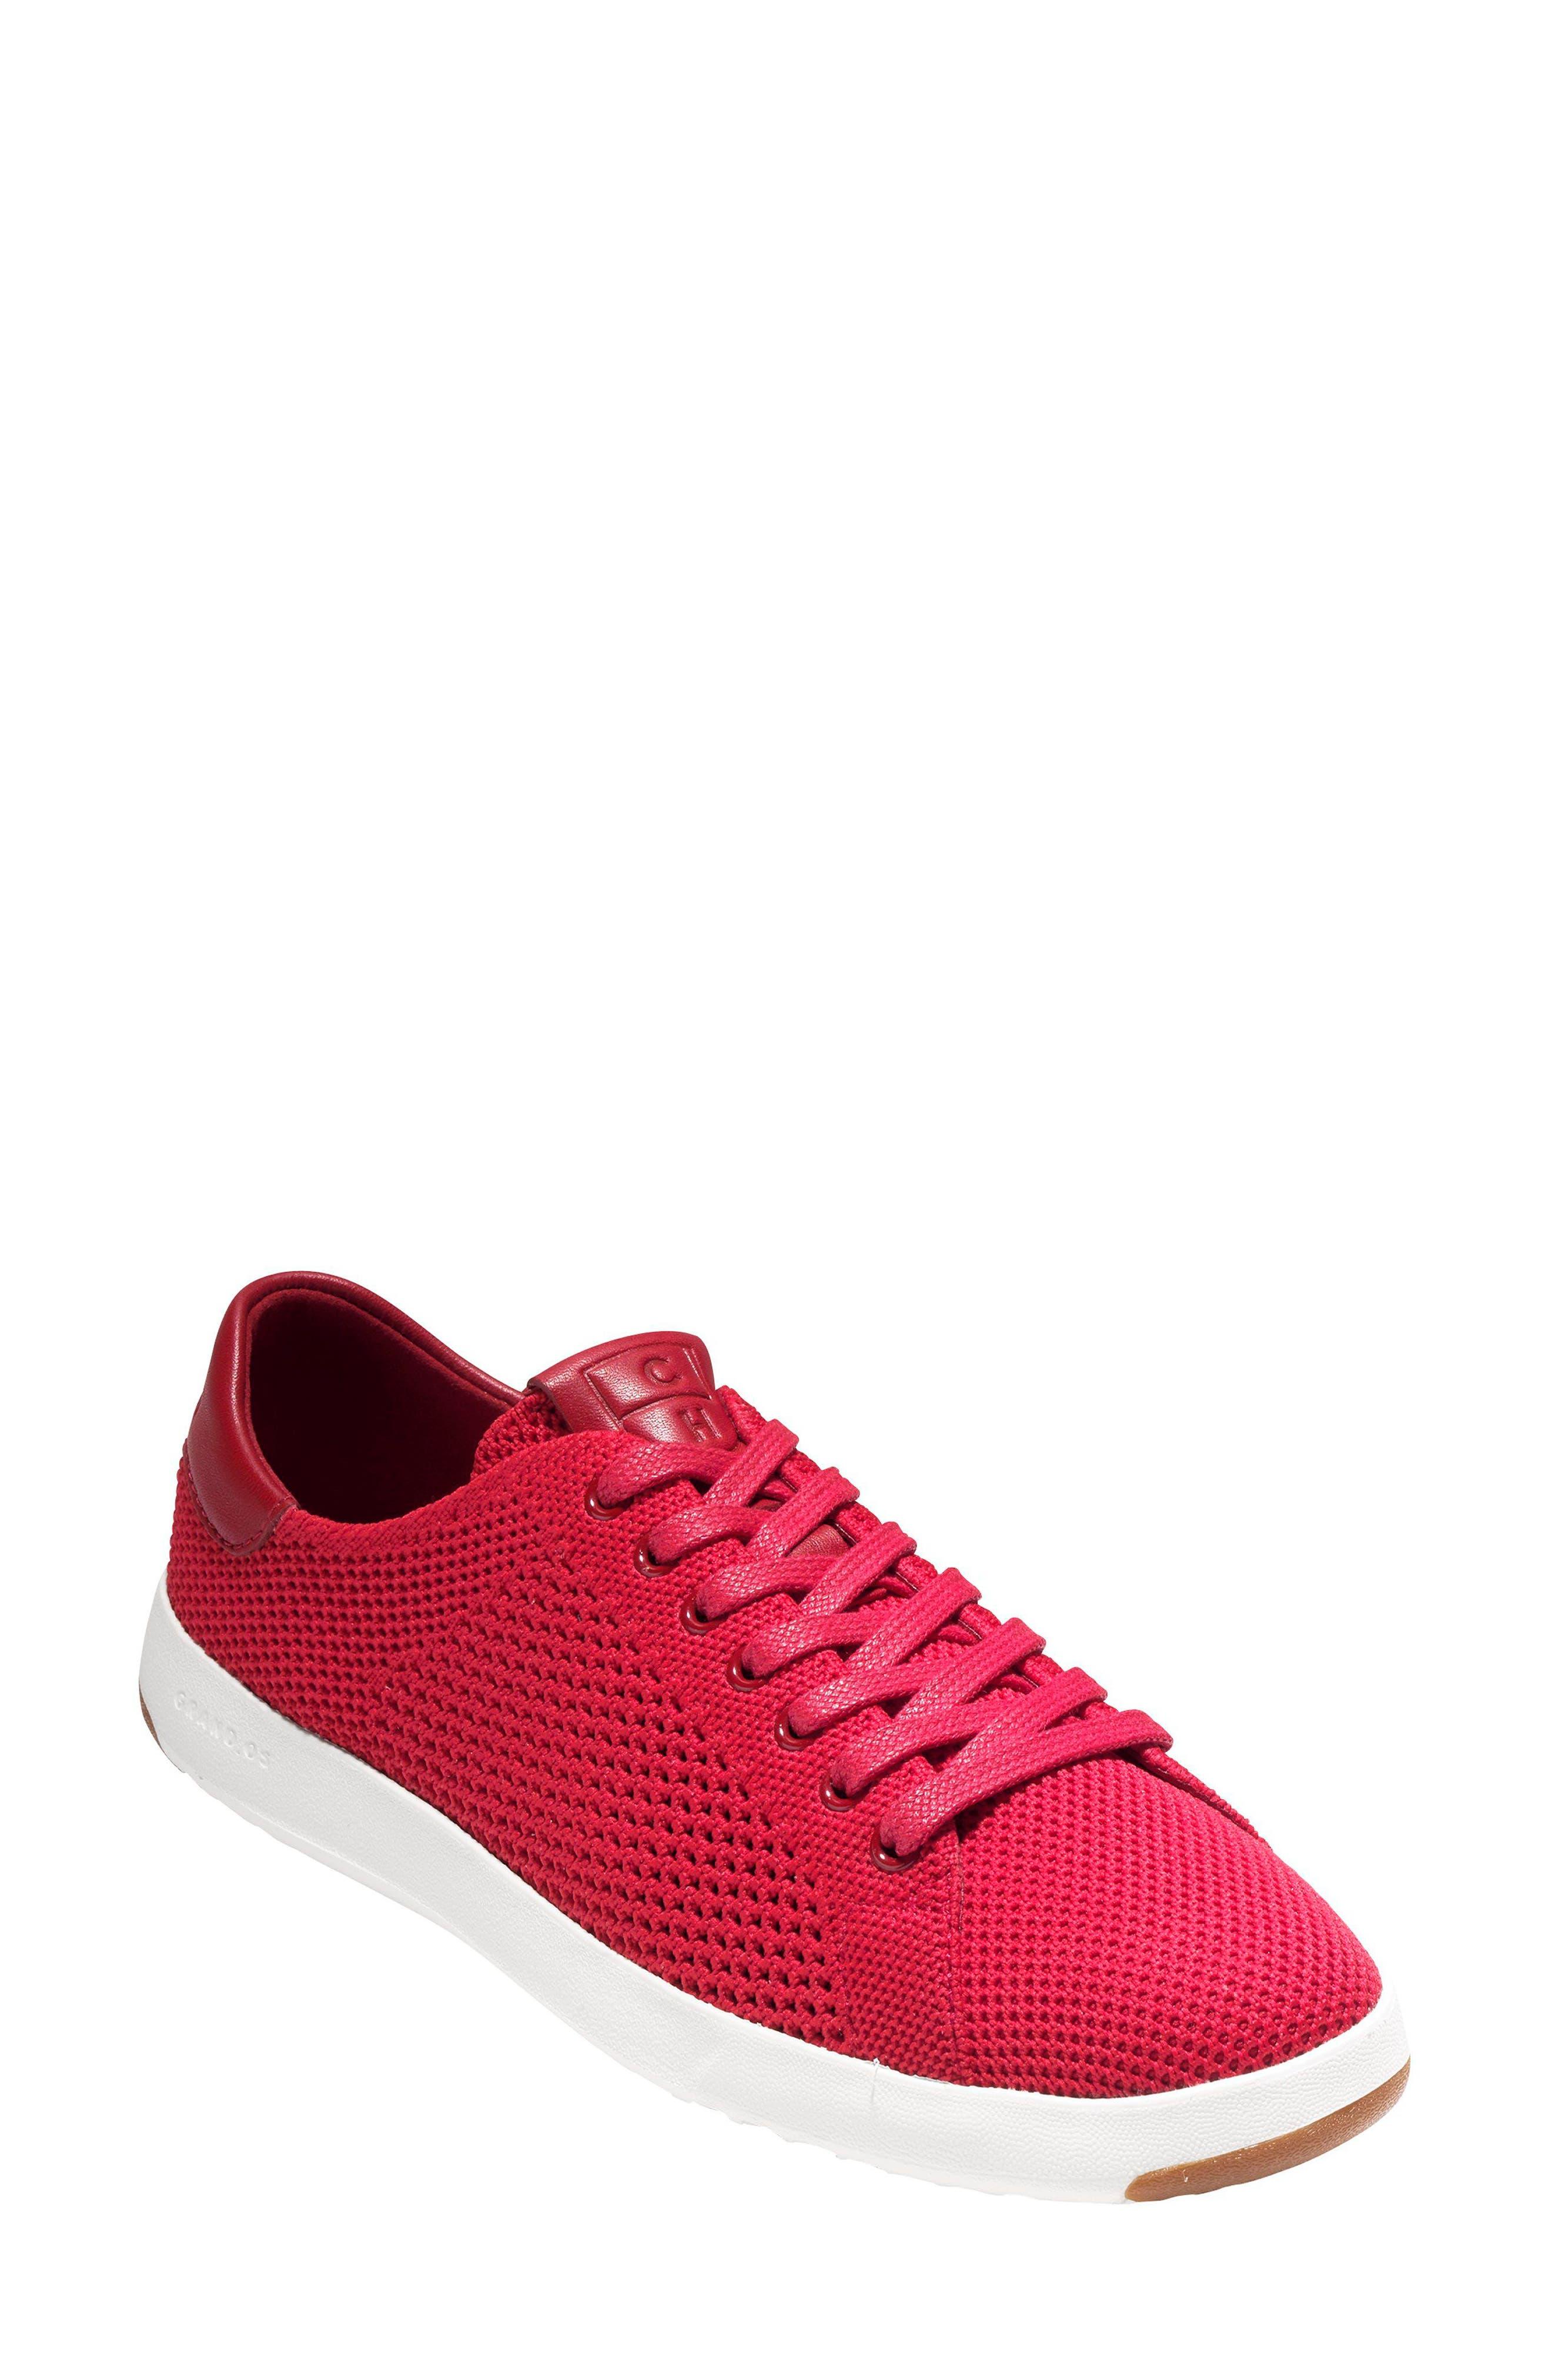 COLE HAAN 'Grandpro' Tennis Sneaker